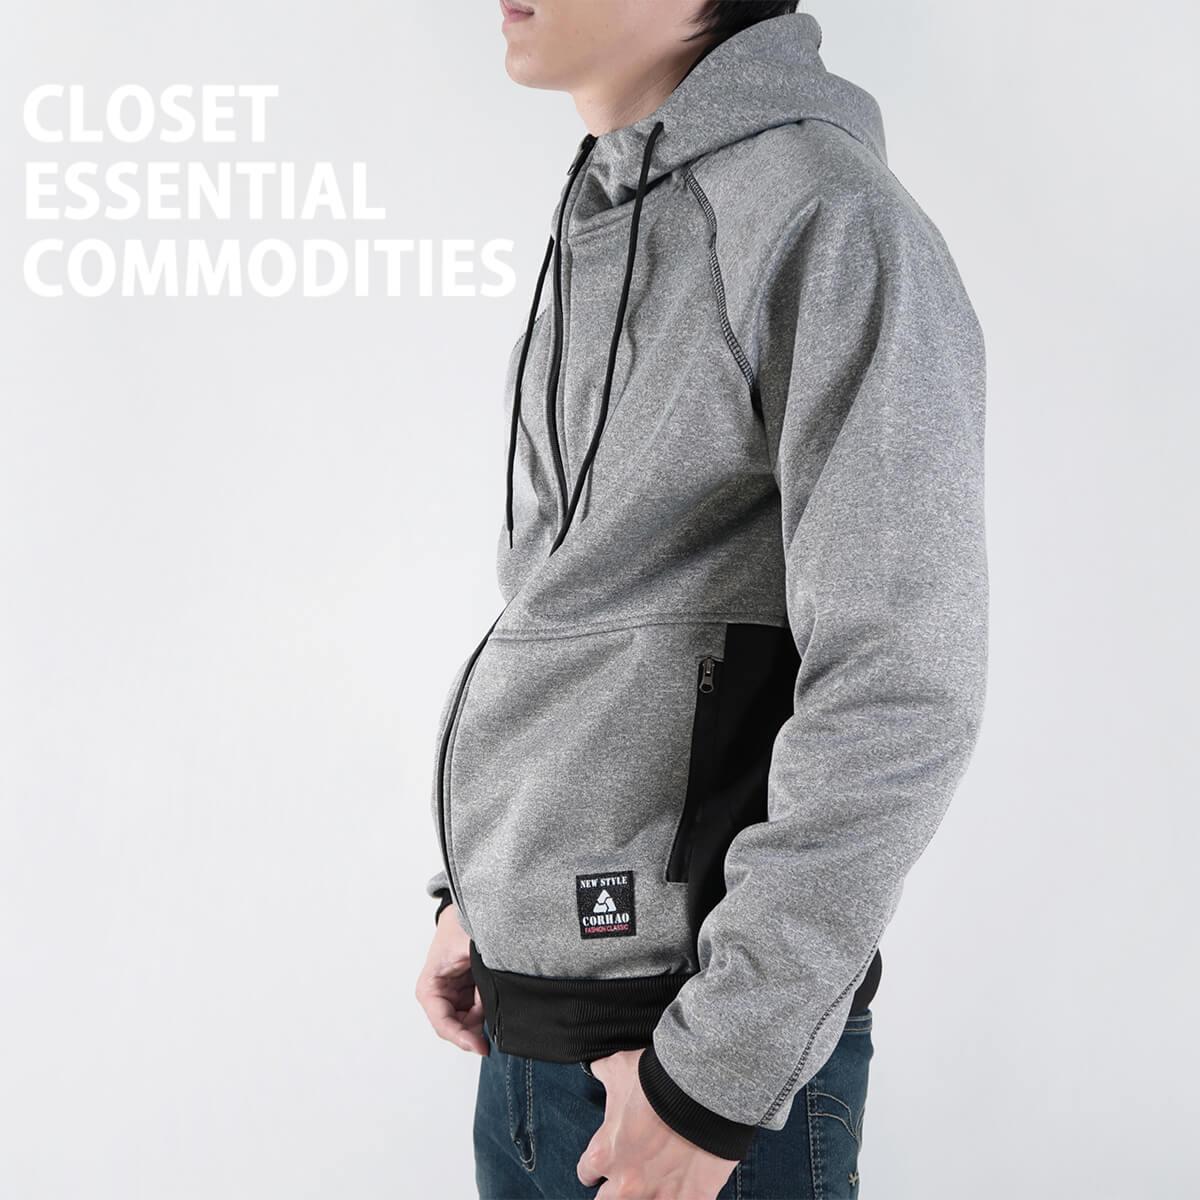 內刷毛連帽保暖外套 夾克外套 運動外套 休閒連帽外套 刷毛外套 黑色外套 時尚穿搭 WARM FLEECE LINED JACKETS (321-8916-01)淺灰色、(321-8916-02)深灰色、(321-8916-03)黑色 L XL 2L(胸圍46~50英吋) [實體店面保障] sun-e 6